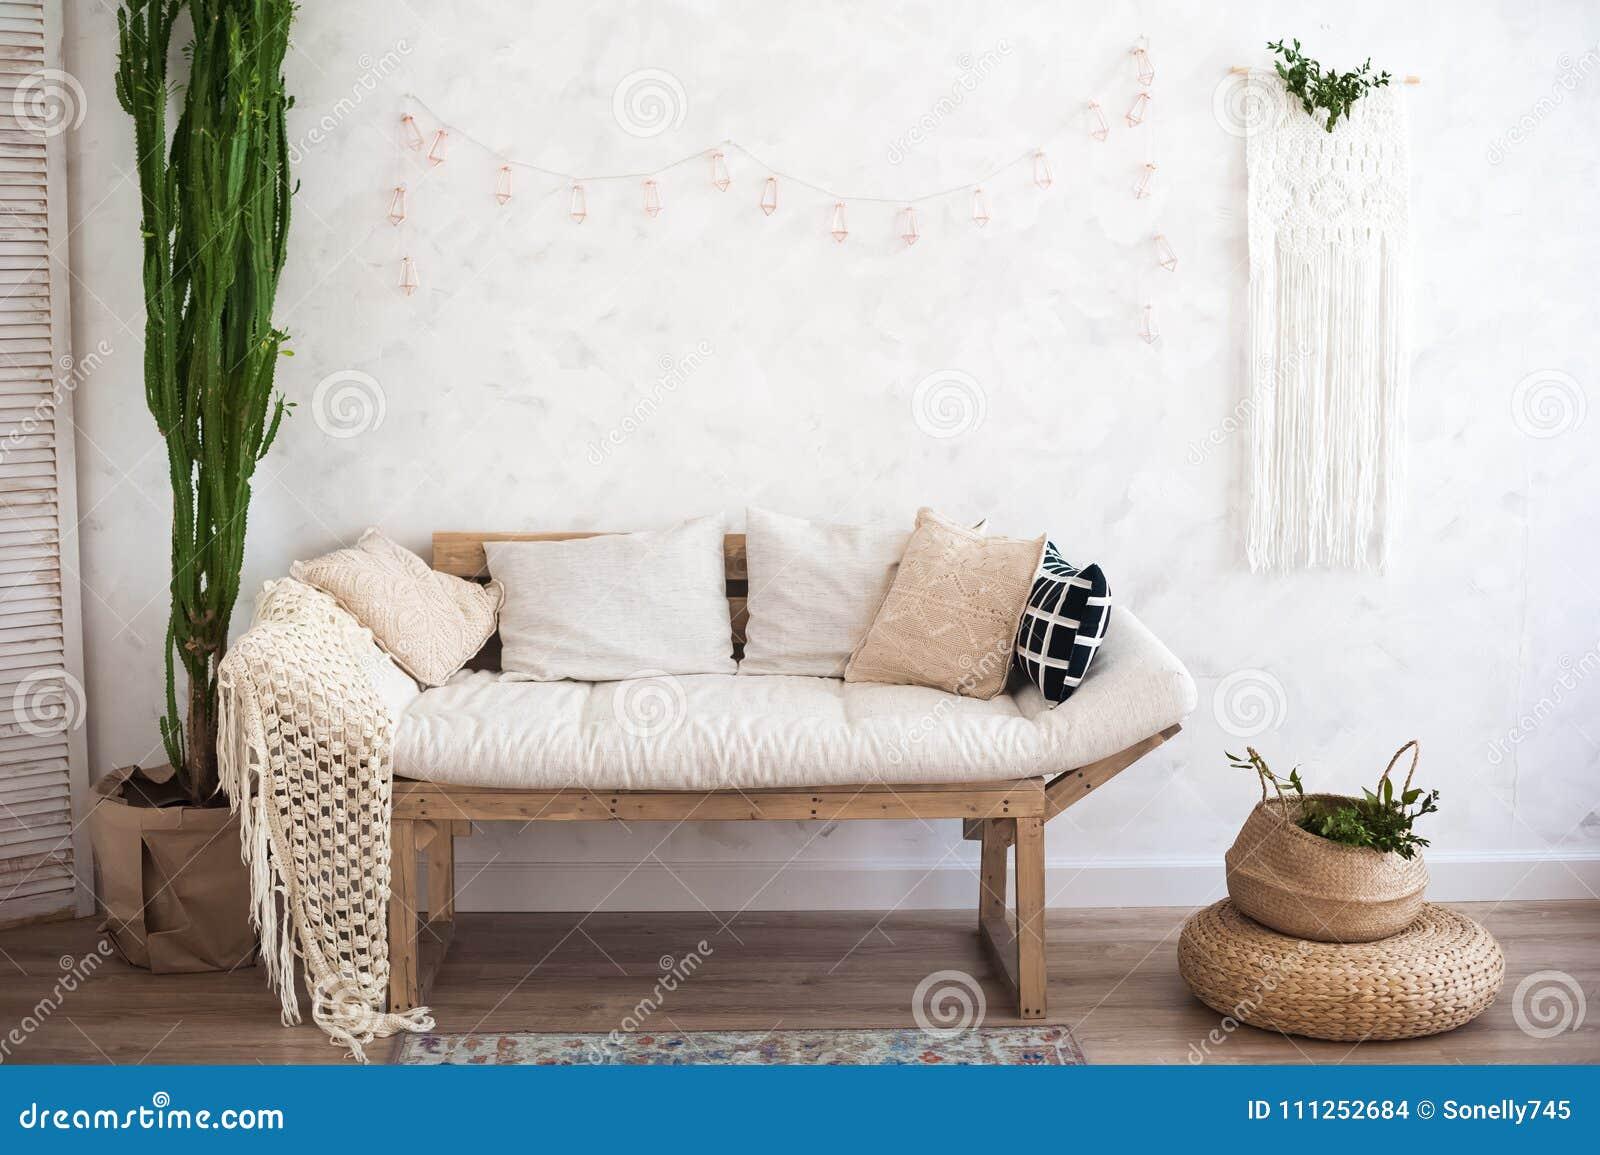 Grote Plant Woonkamer : Mooi sping verfraaid binnenland in witte geweven kleuren woonkamer